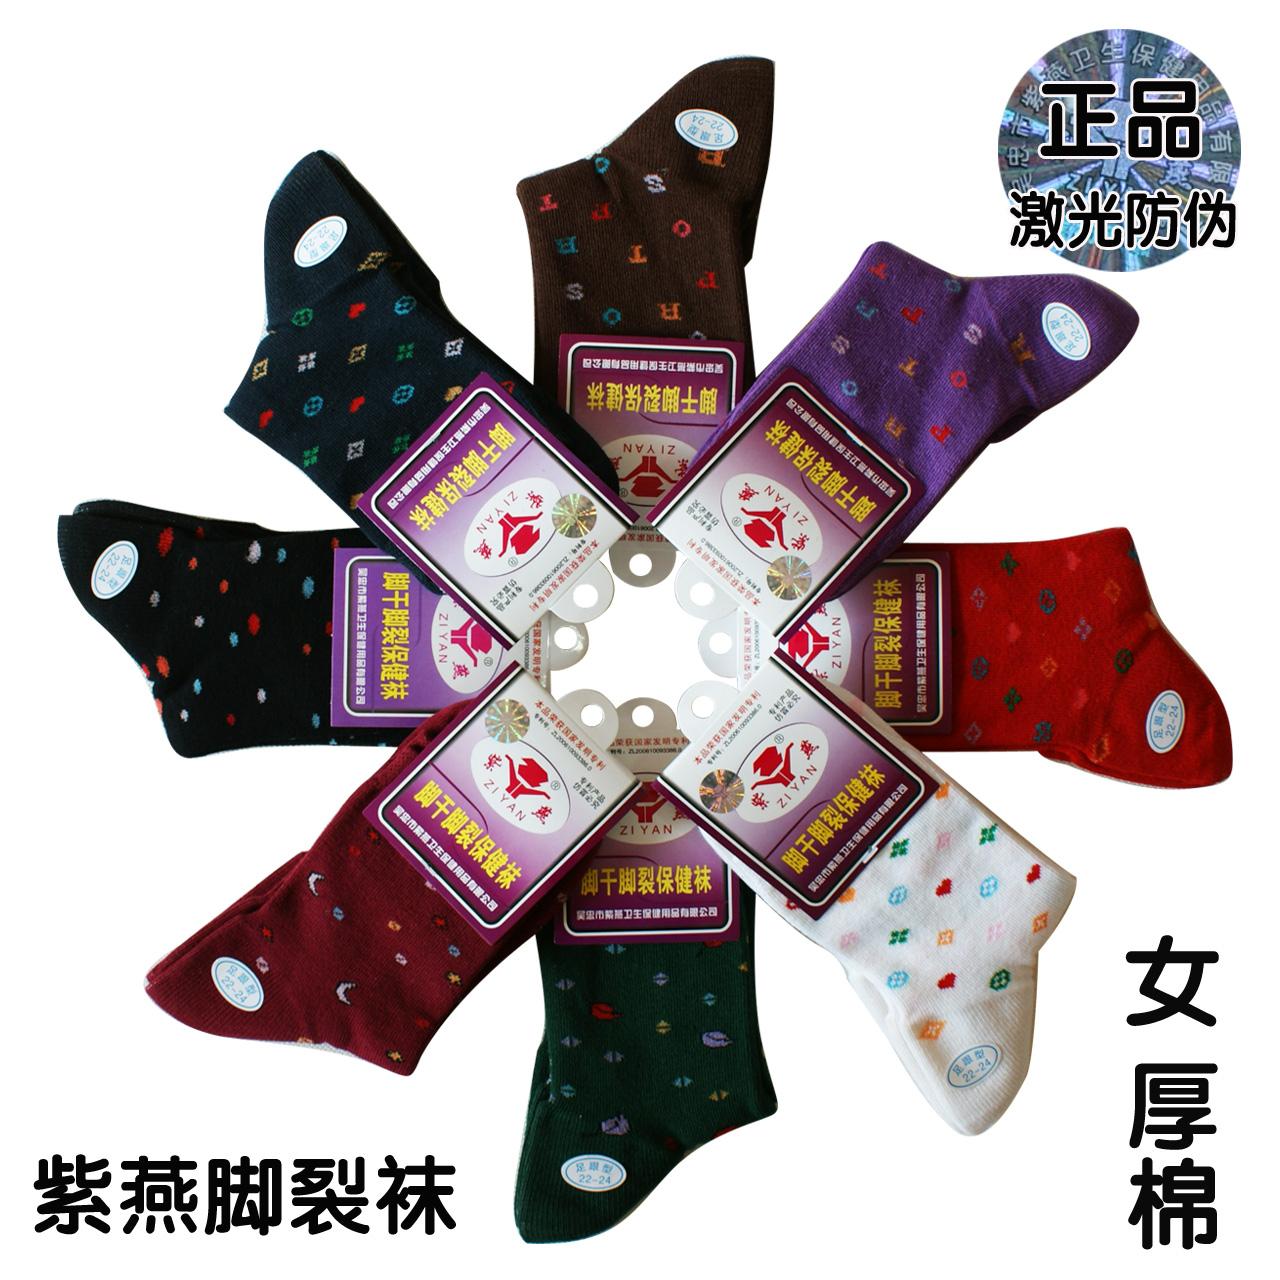 正品紫燕牌防裂袜 防治脚裂袜 防脚裂袜子 女式 足跟型厚棉足裂袜